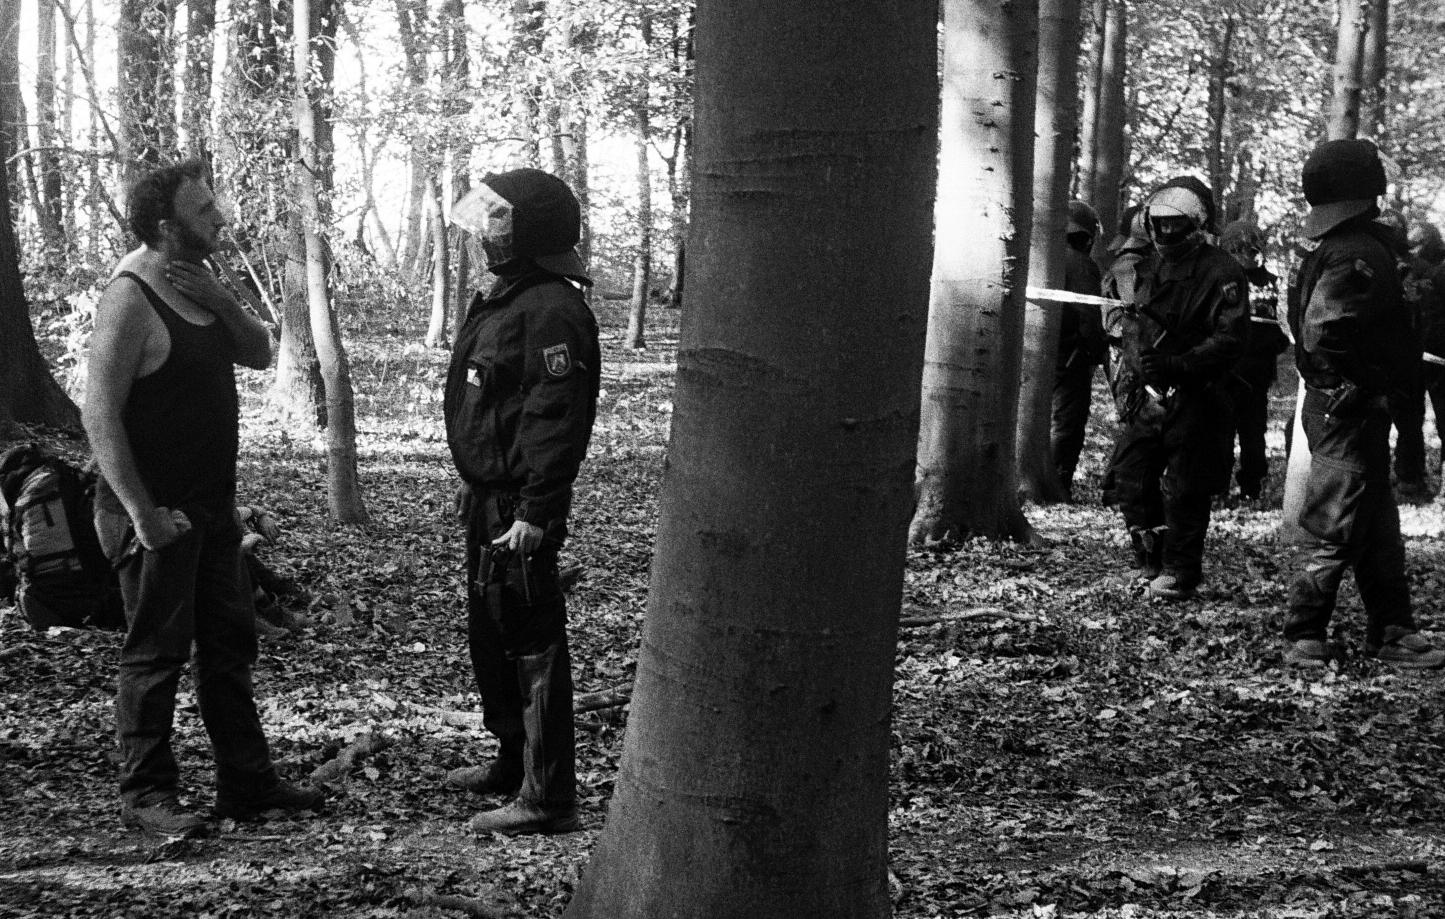 Tensions entre les militants et la police anti-émeute en début de soirée le 19 septembre, suite au décès de Steffen Meyn.